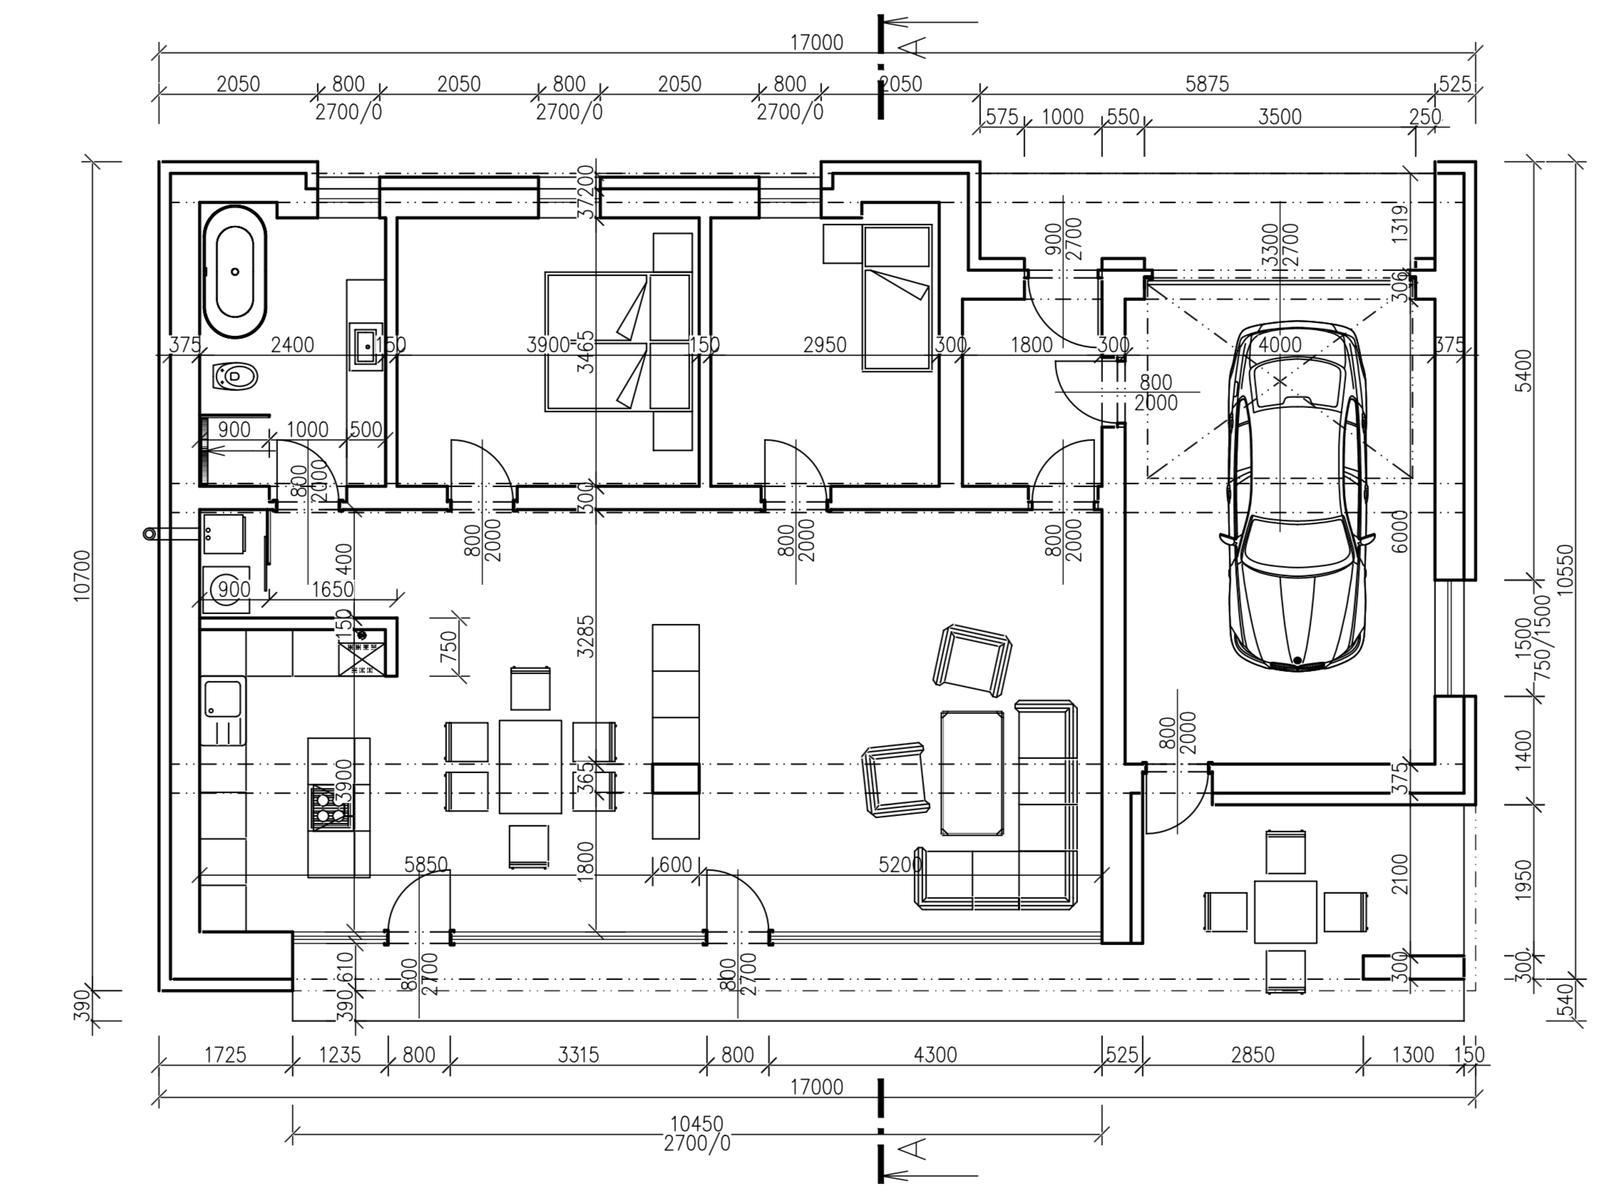 Dom vizualizacia - Konečná podoba pôdorysu